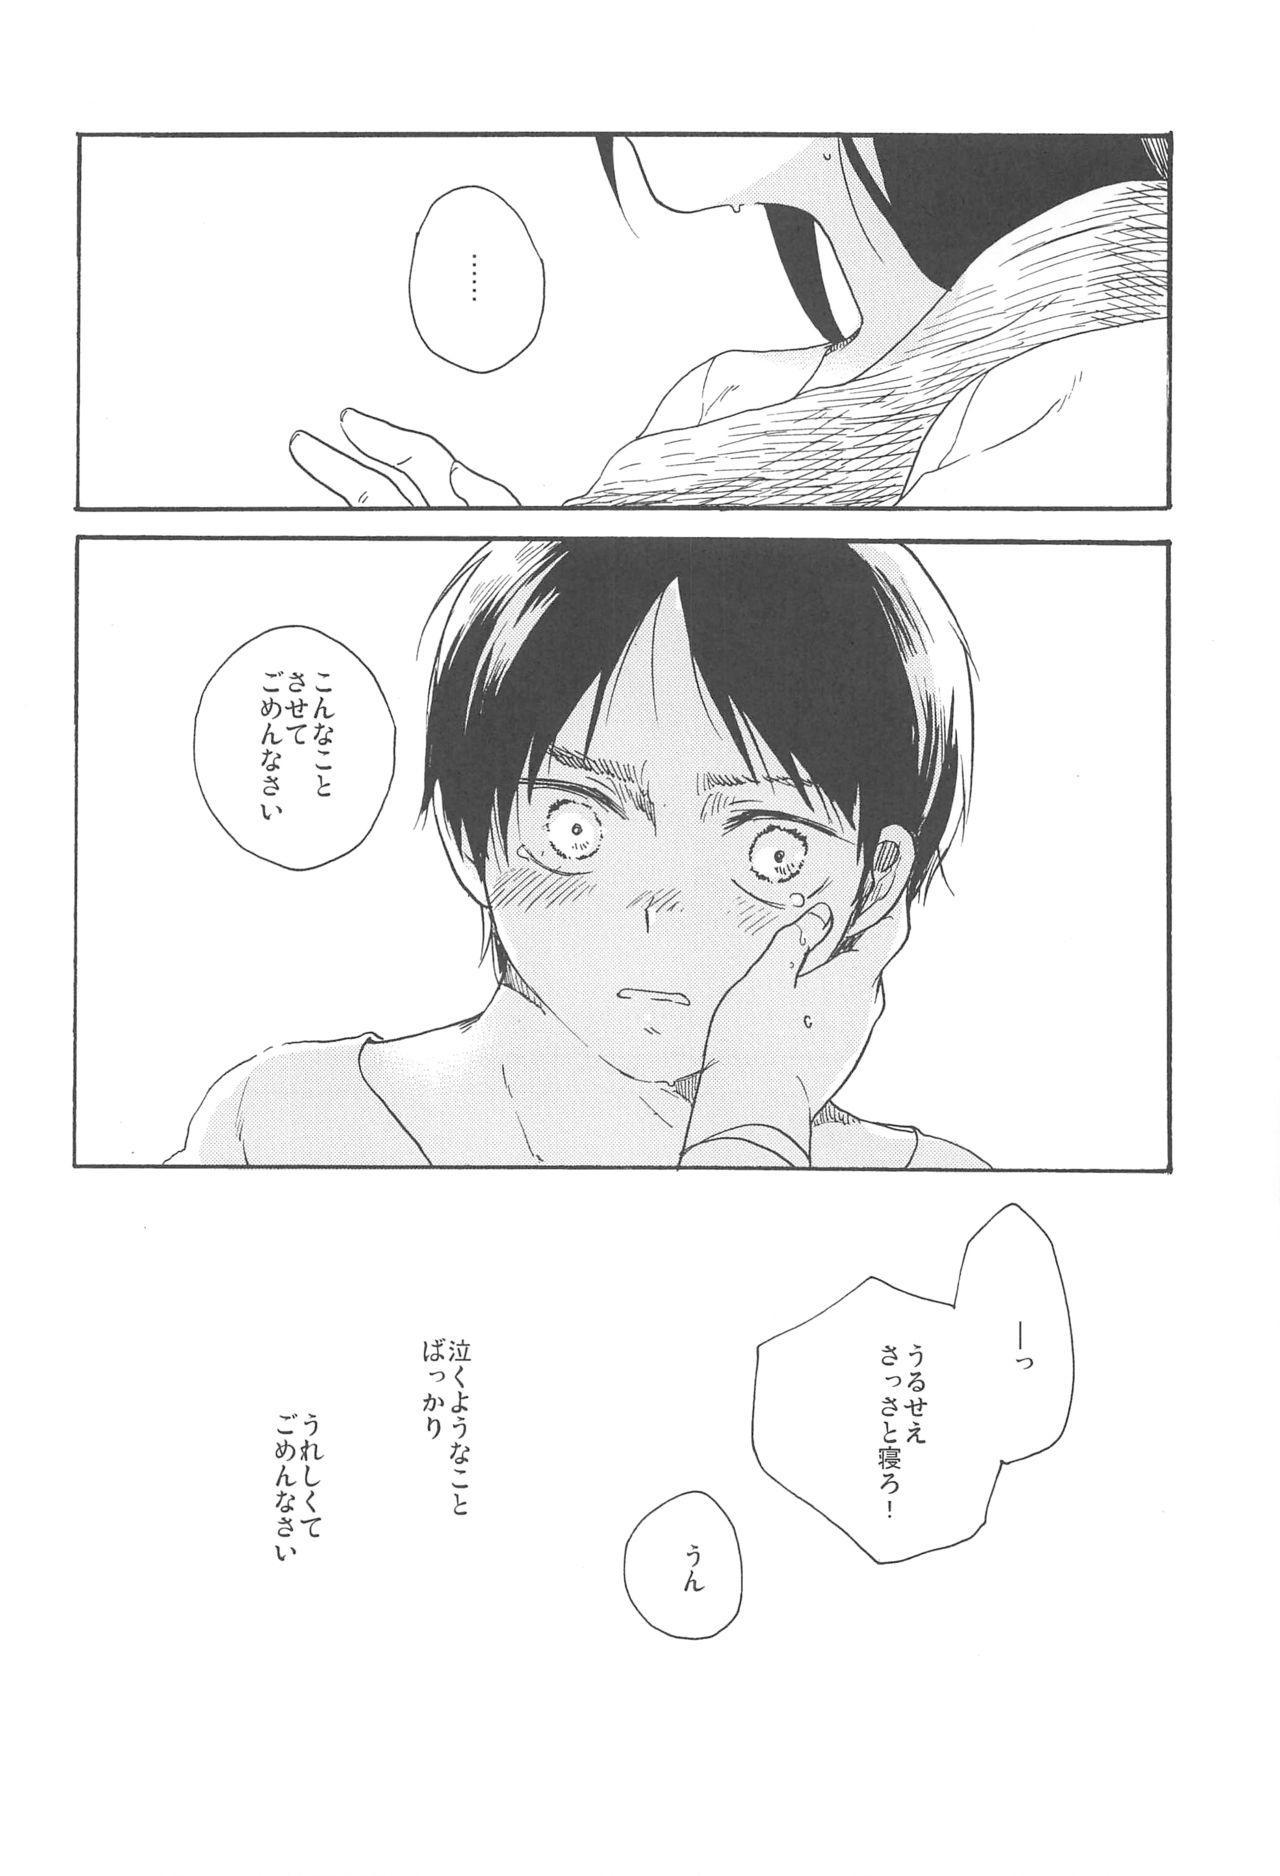 Moyai no Akari 18